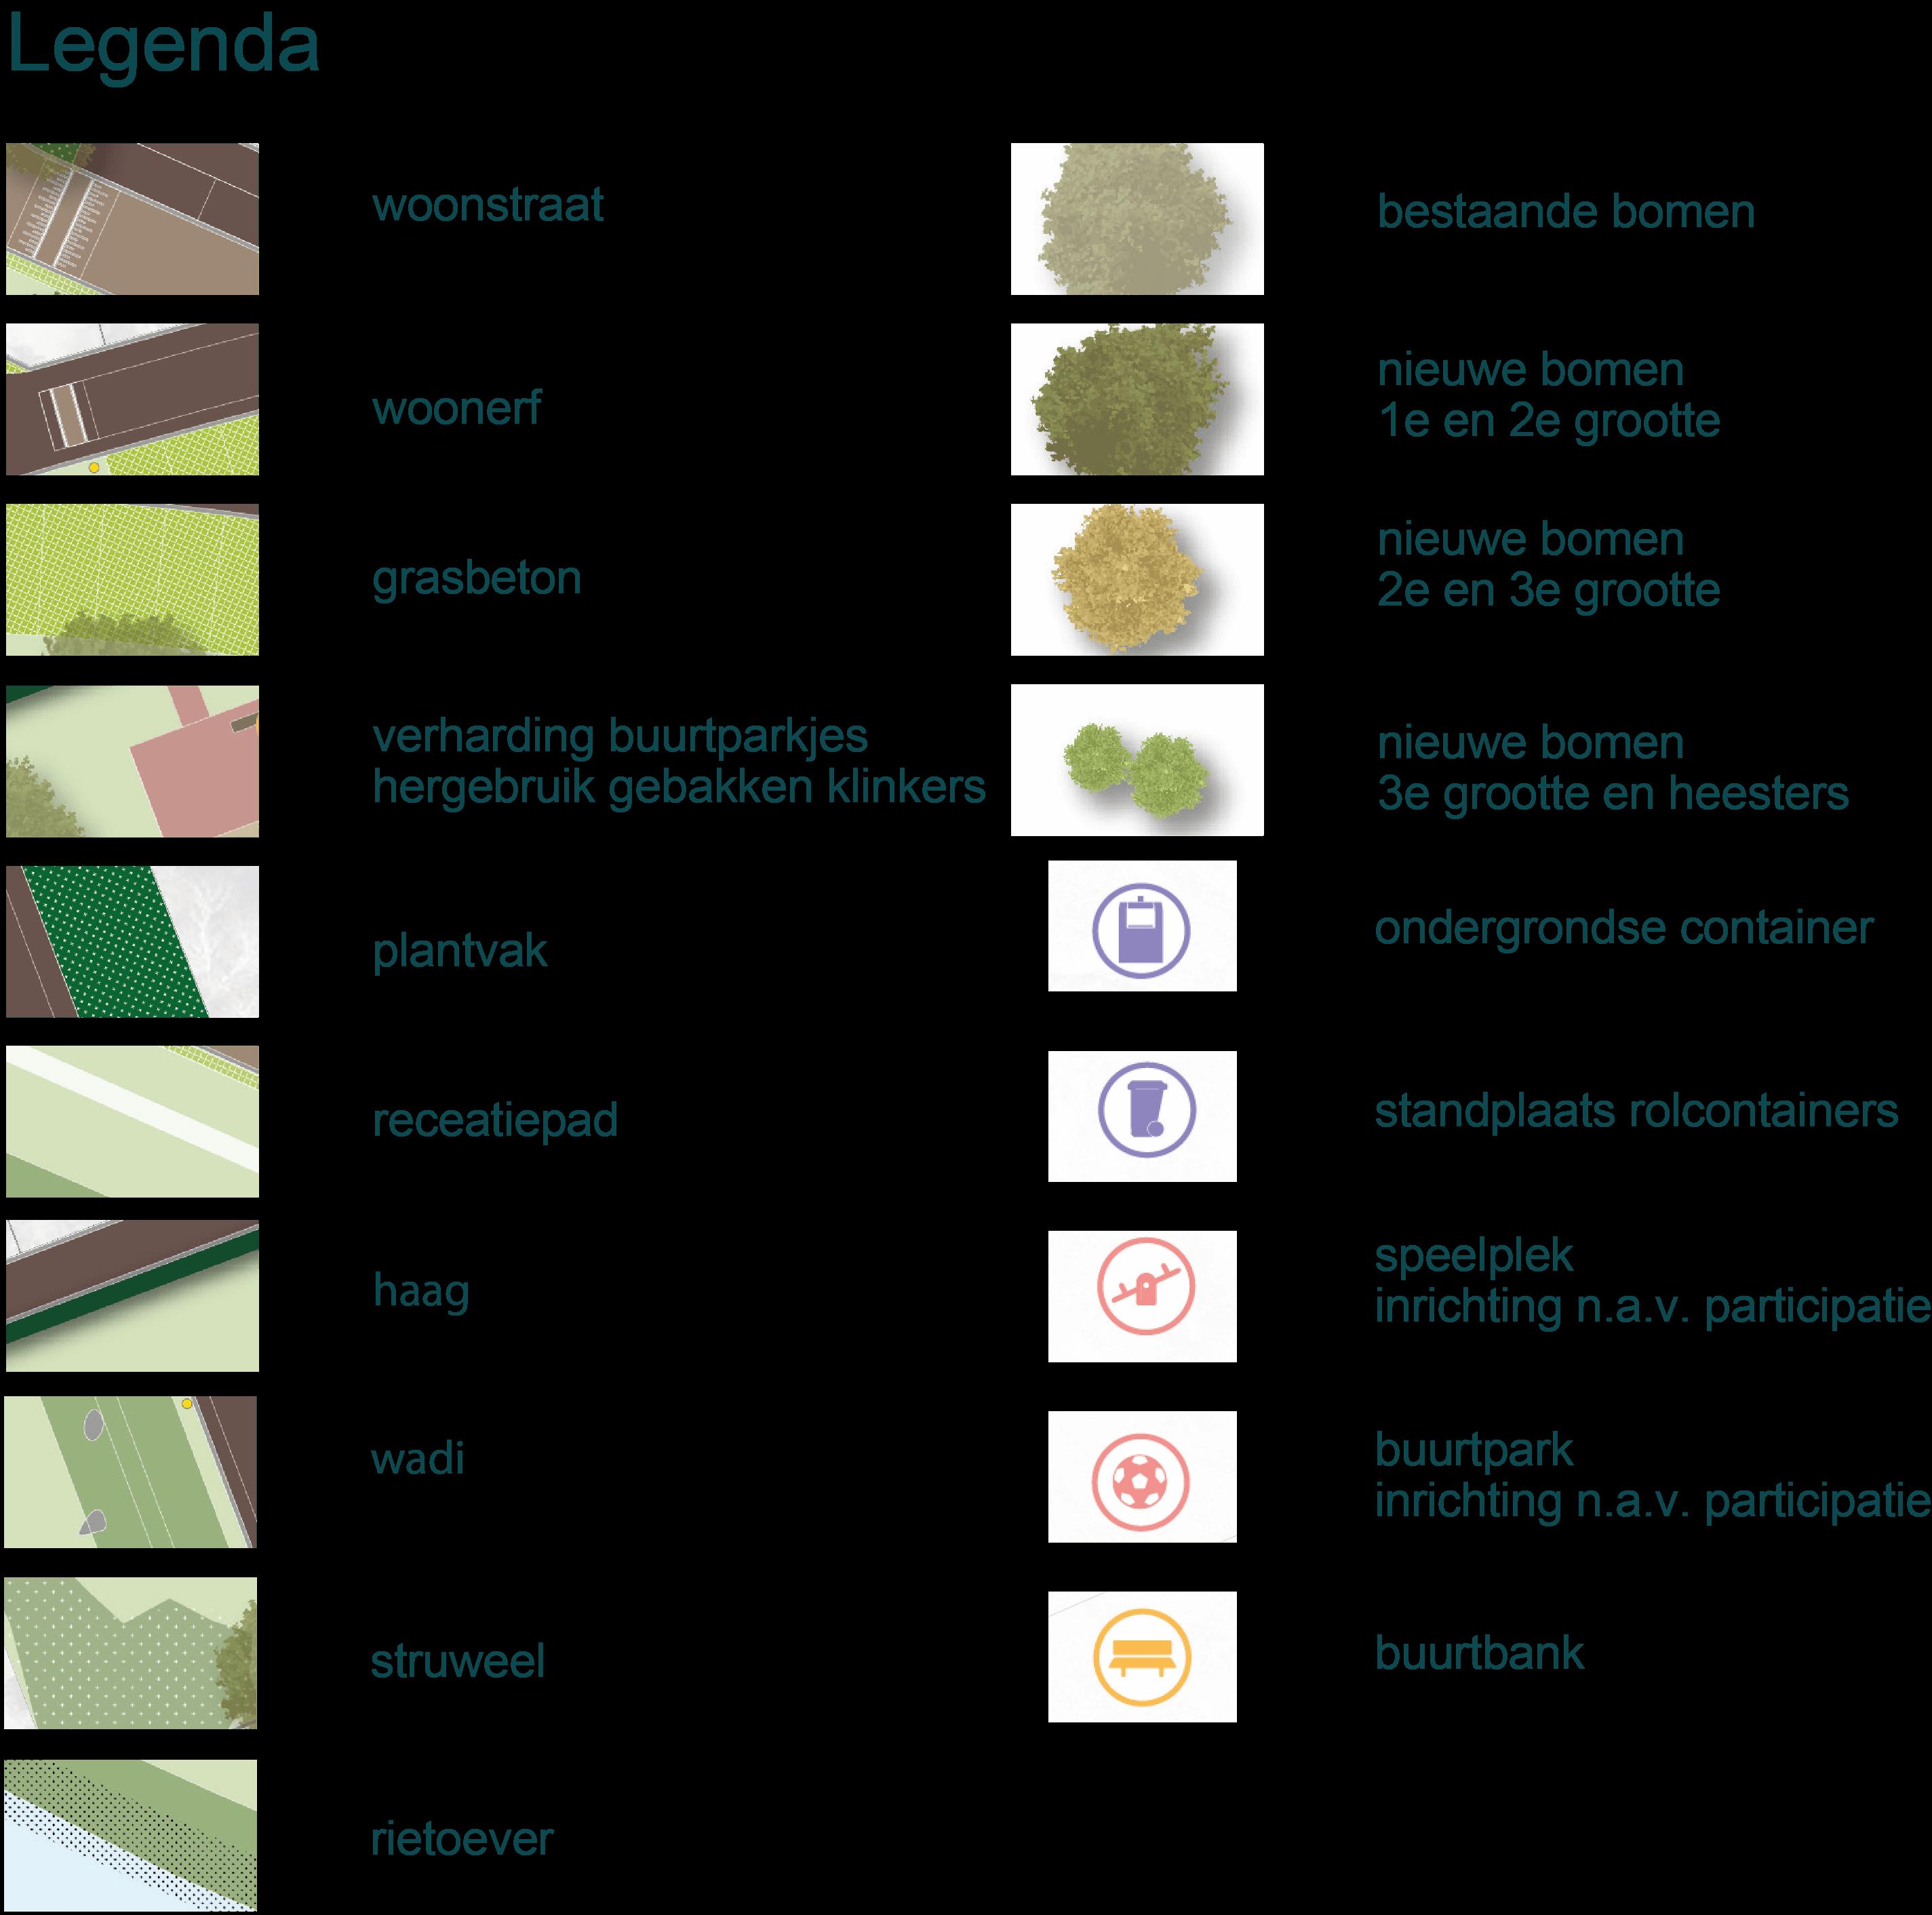 legenda-plankaart-vo.png